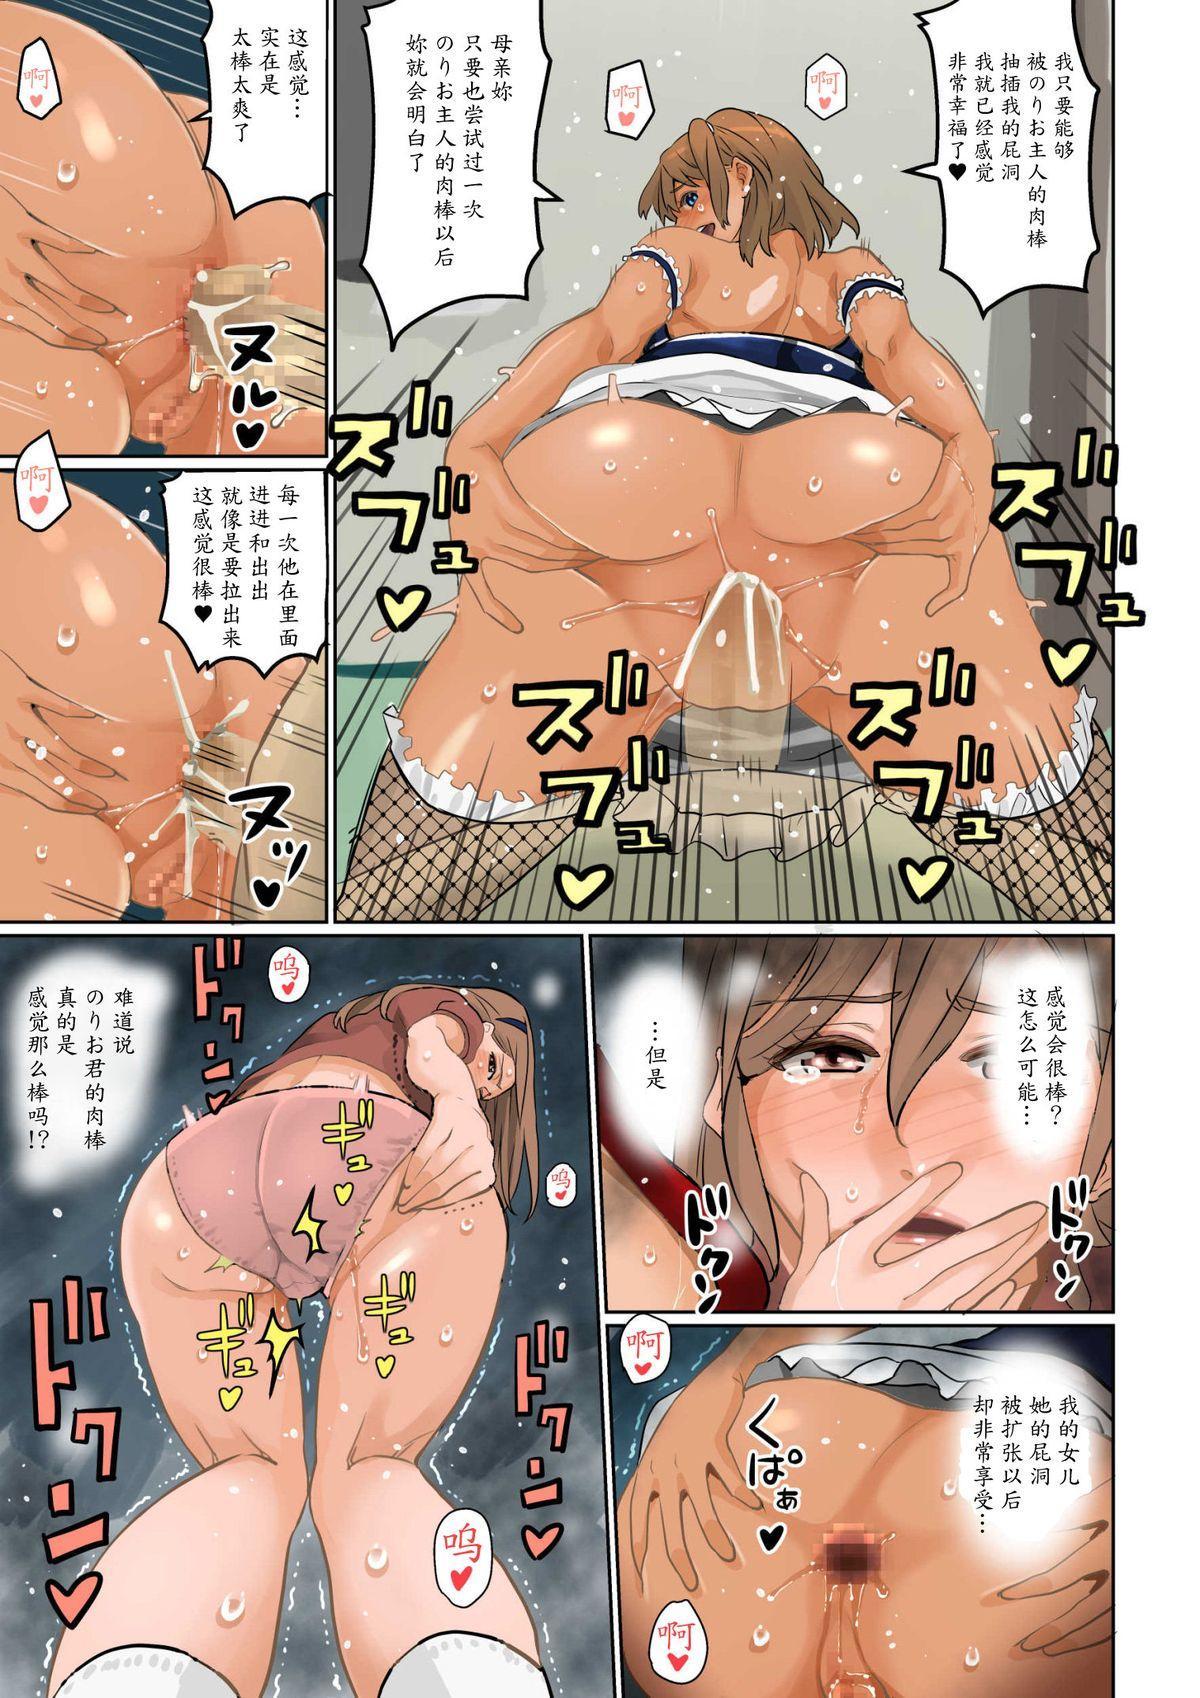 Nekura Shounen no Fukushuu Harem Choukyou Keikaku 99